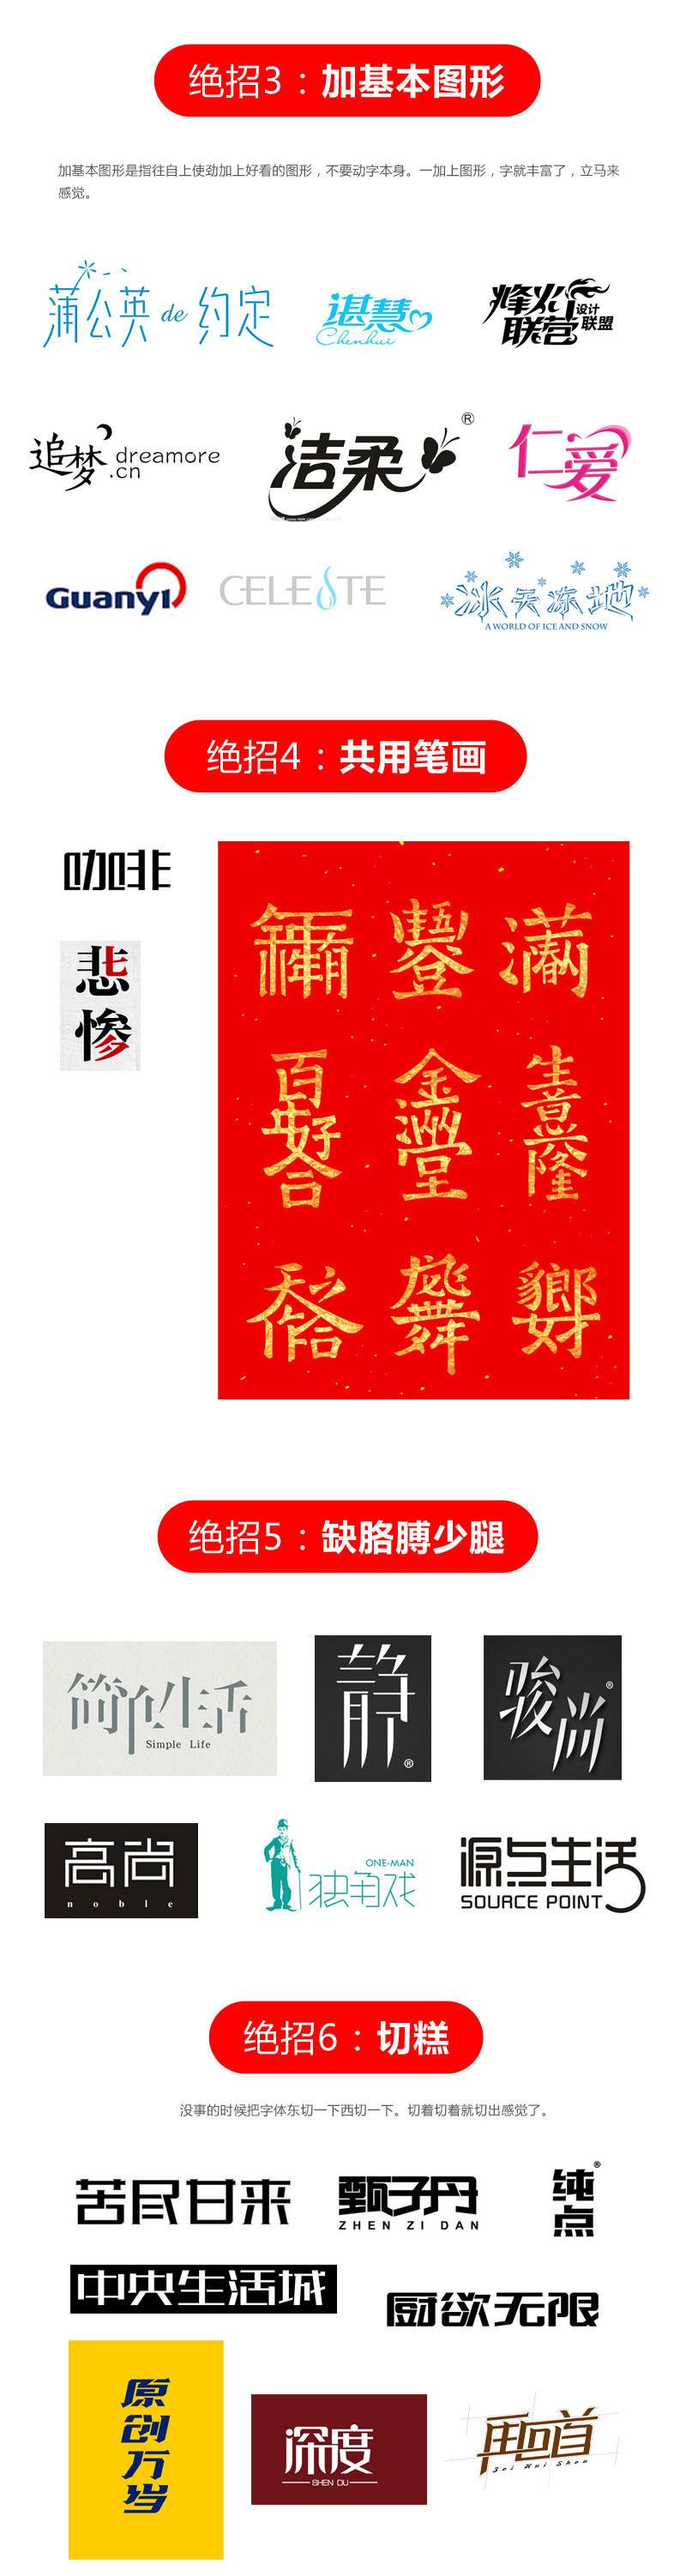 搞定汉字中文字体设计,只需10招2